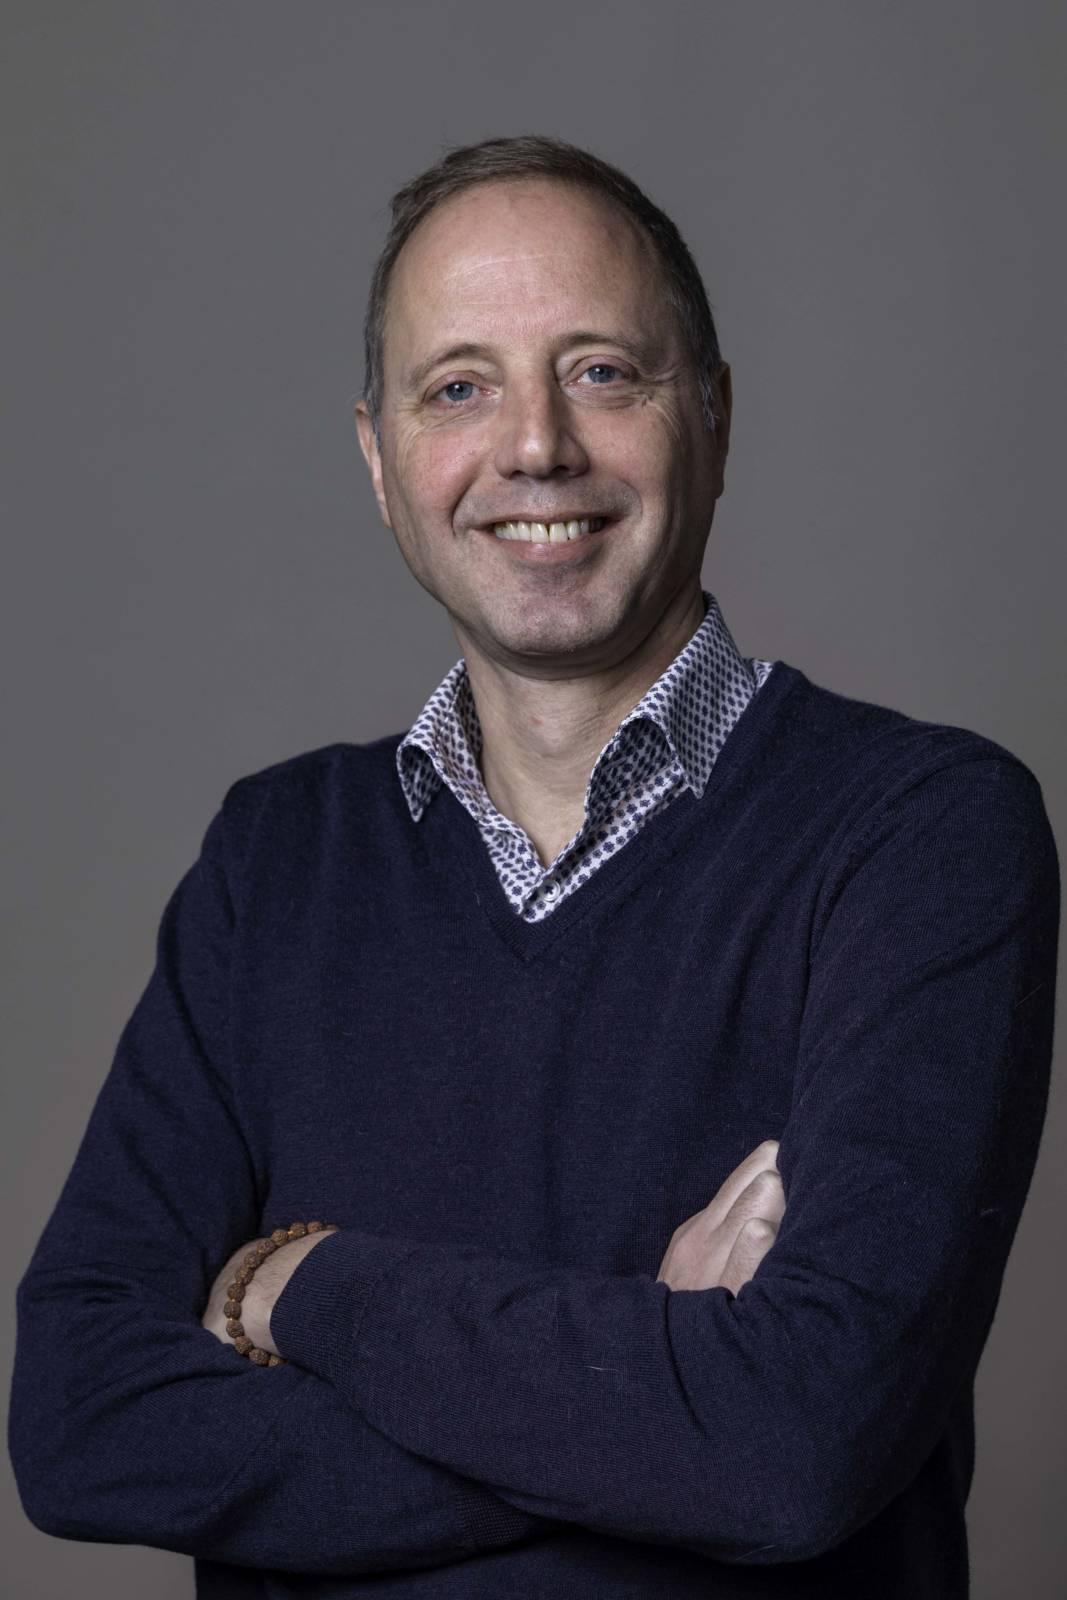 Maarten Thissen